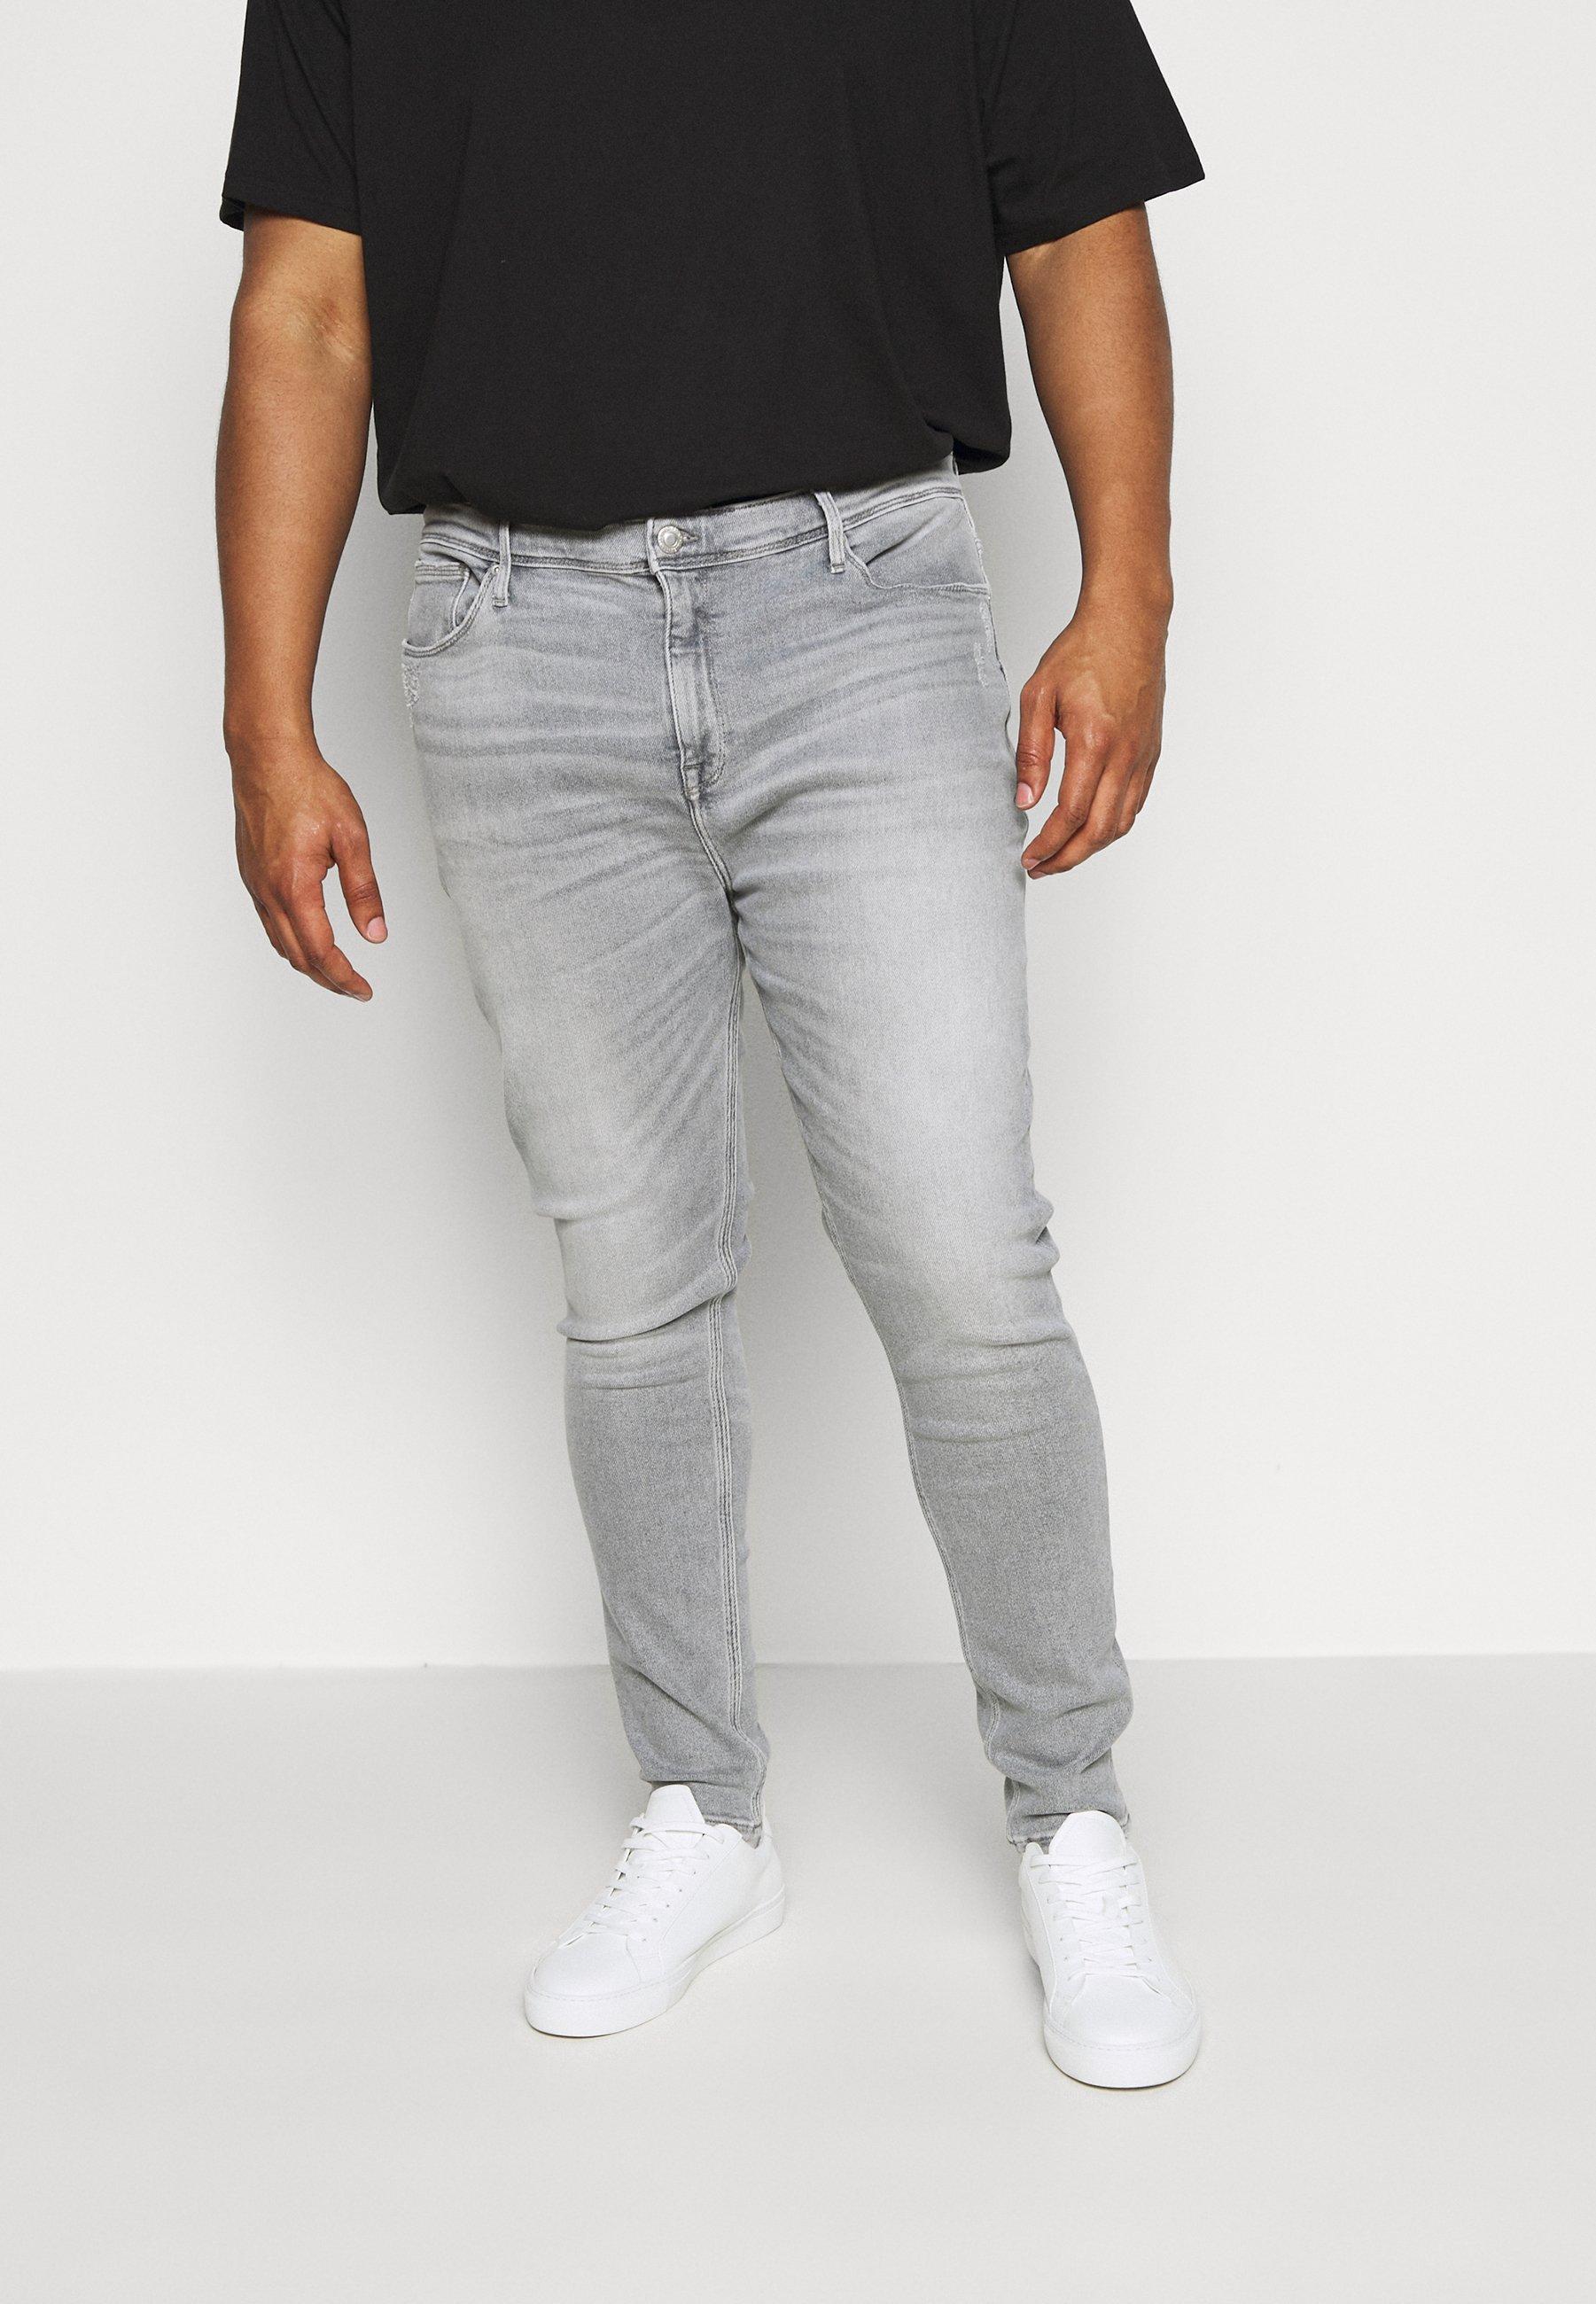 Jeans grande taille homme River Island | Achat en ligne sur